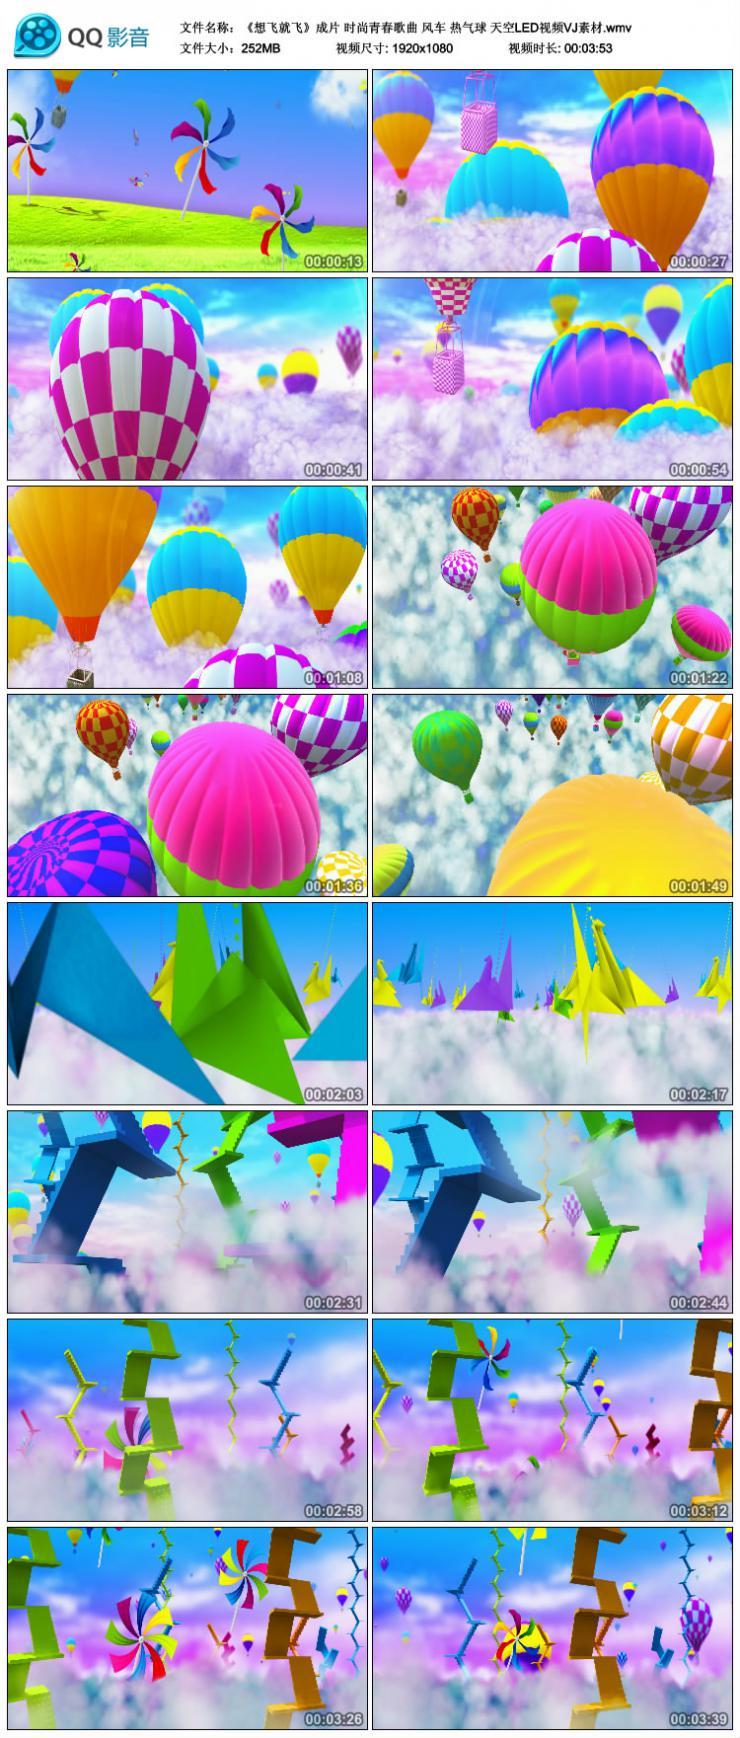 《想飞就飞》成片时尚青春歌曲 风车 热气球 天空LED视频VJ素